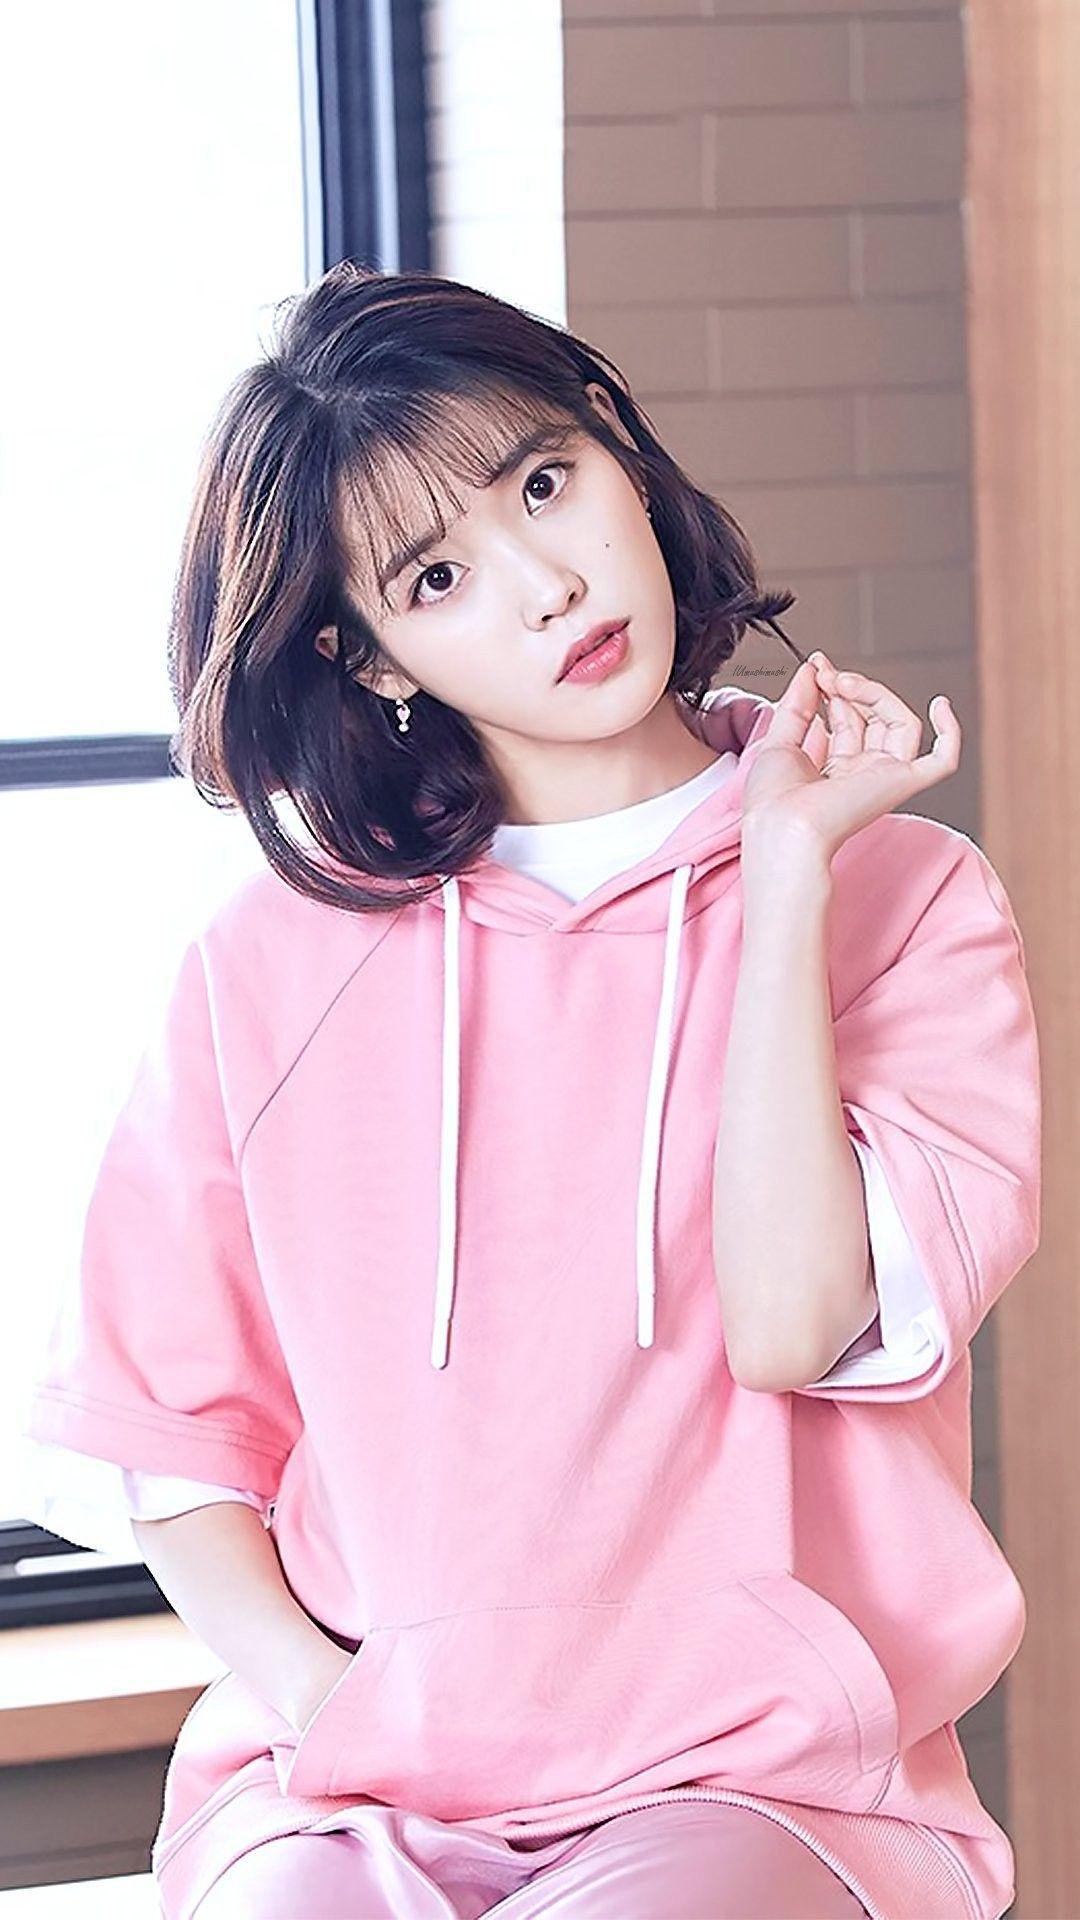 IU #wallpaper #NewBalance | 한국 소녀, 연예인 및 여배우